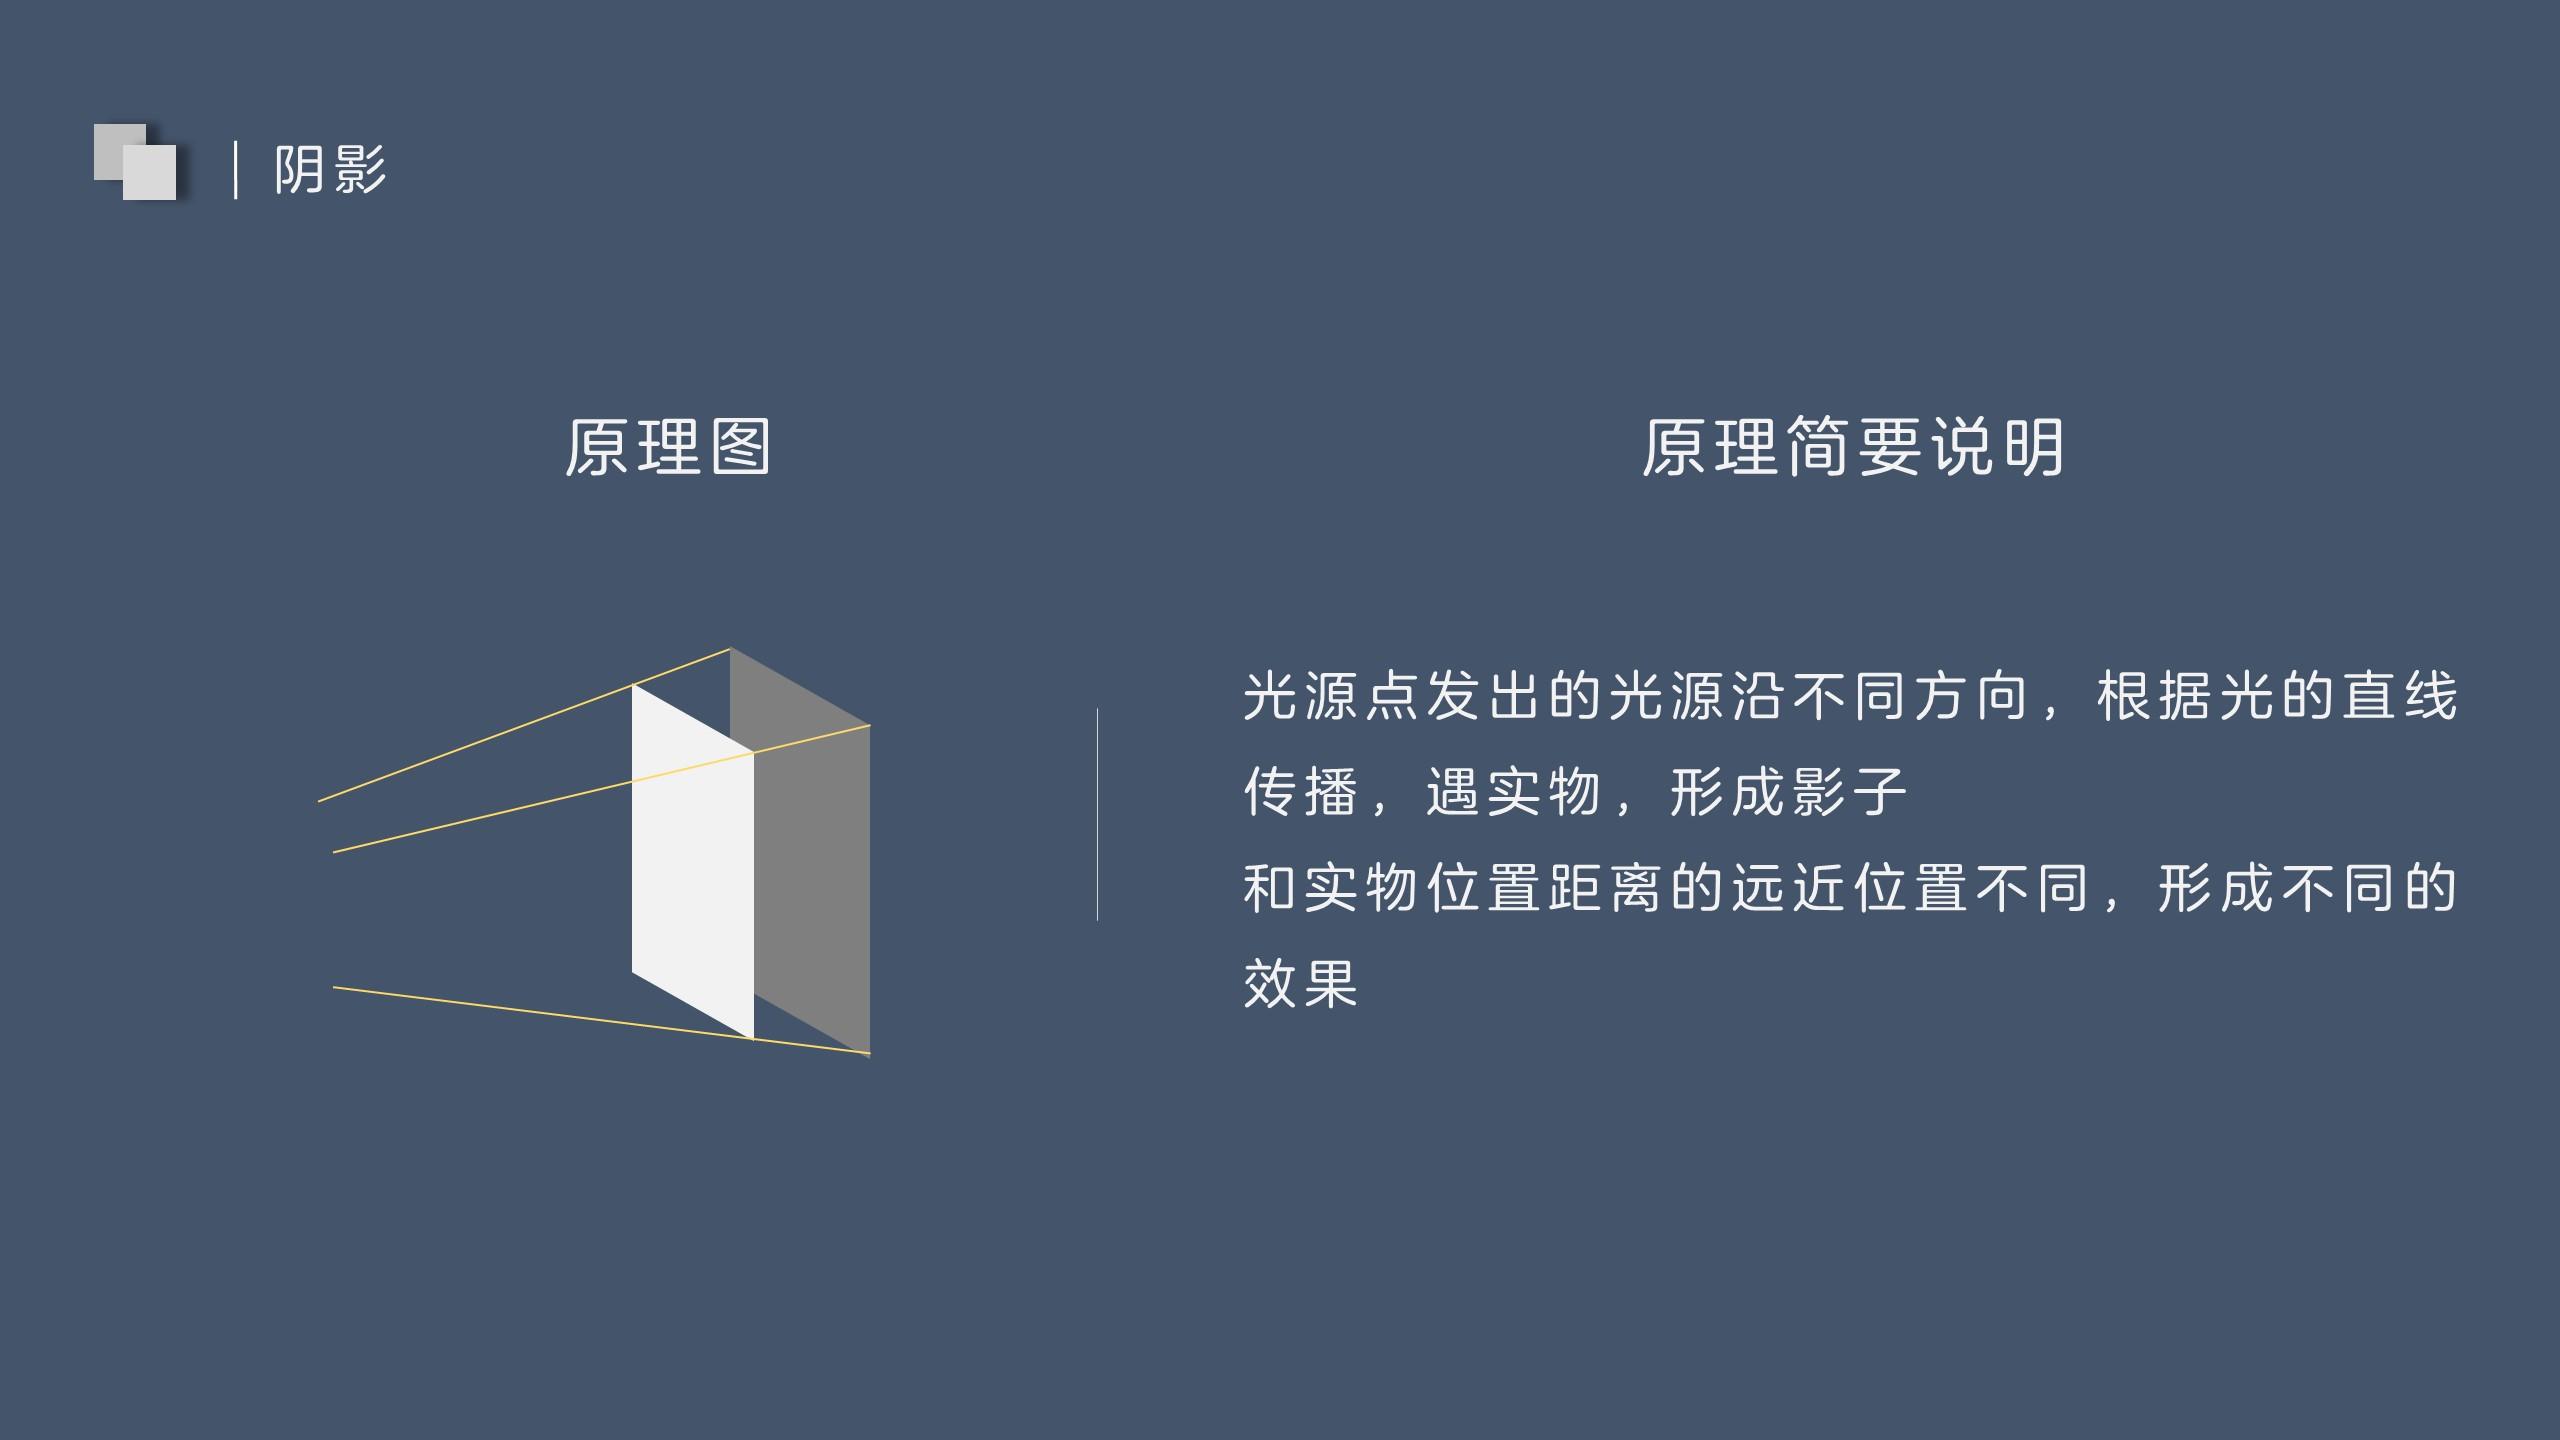 幻灯片中的立体感-2